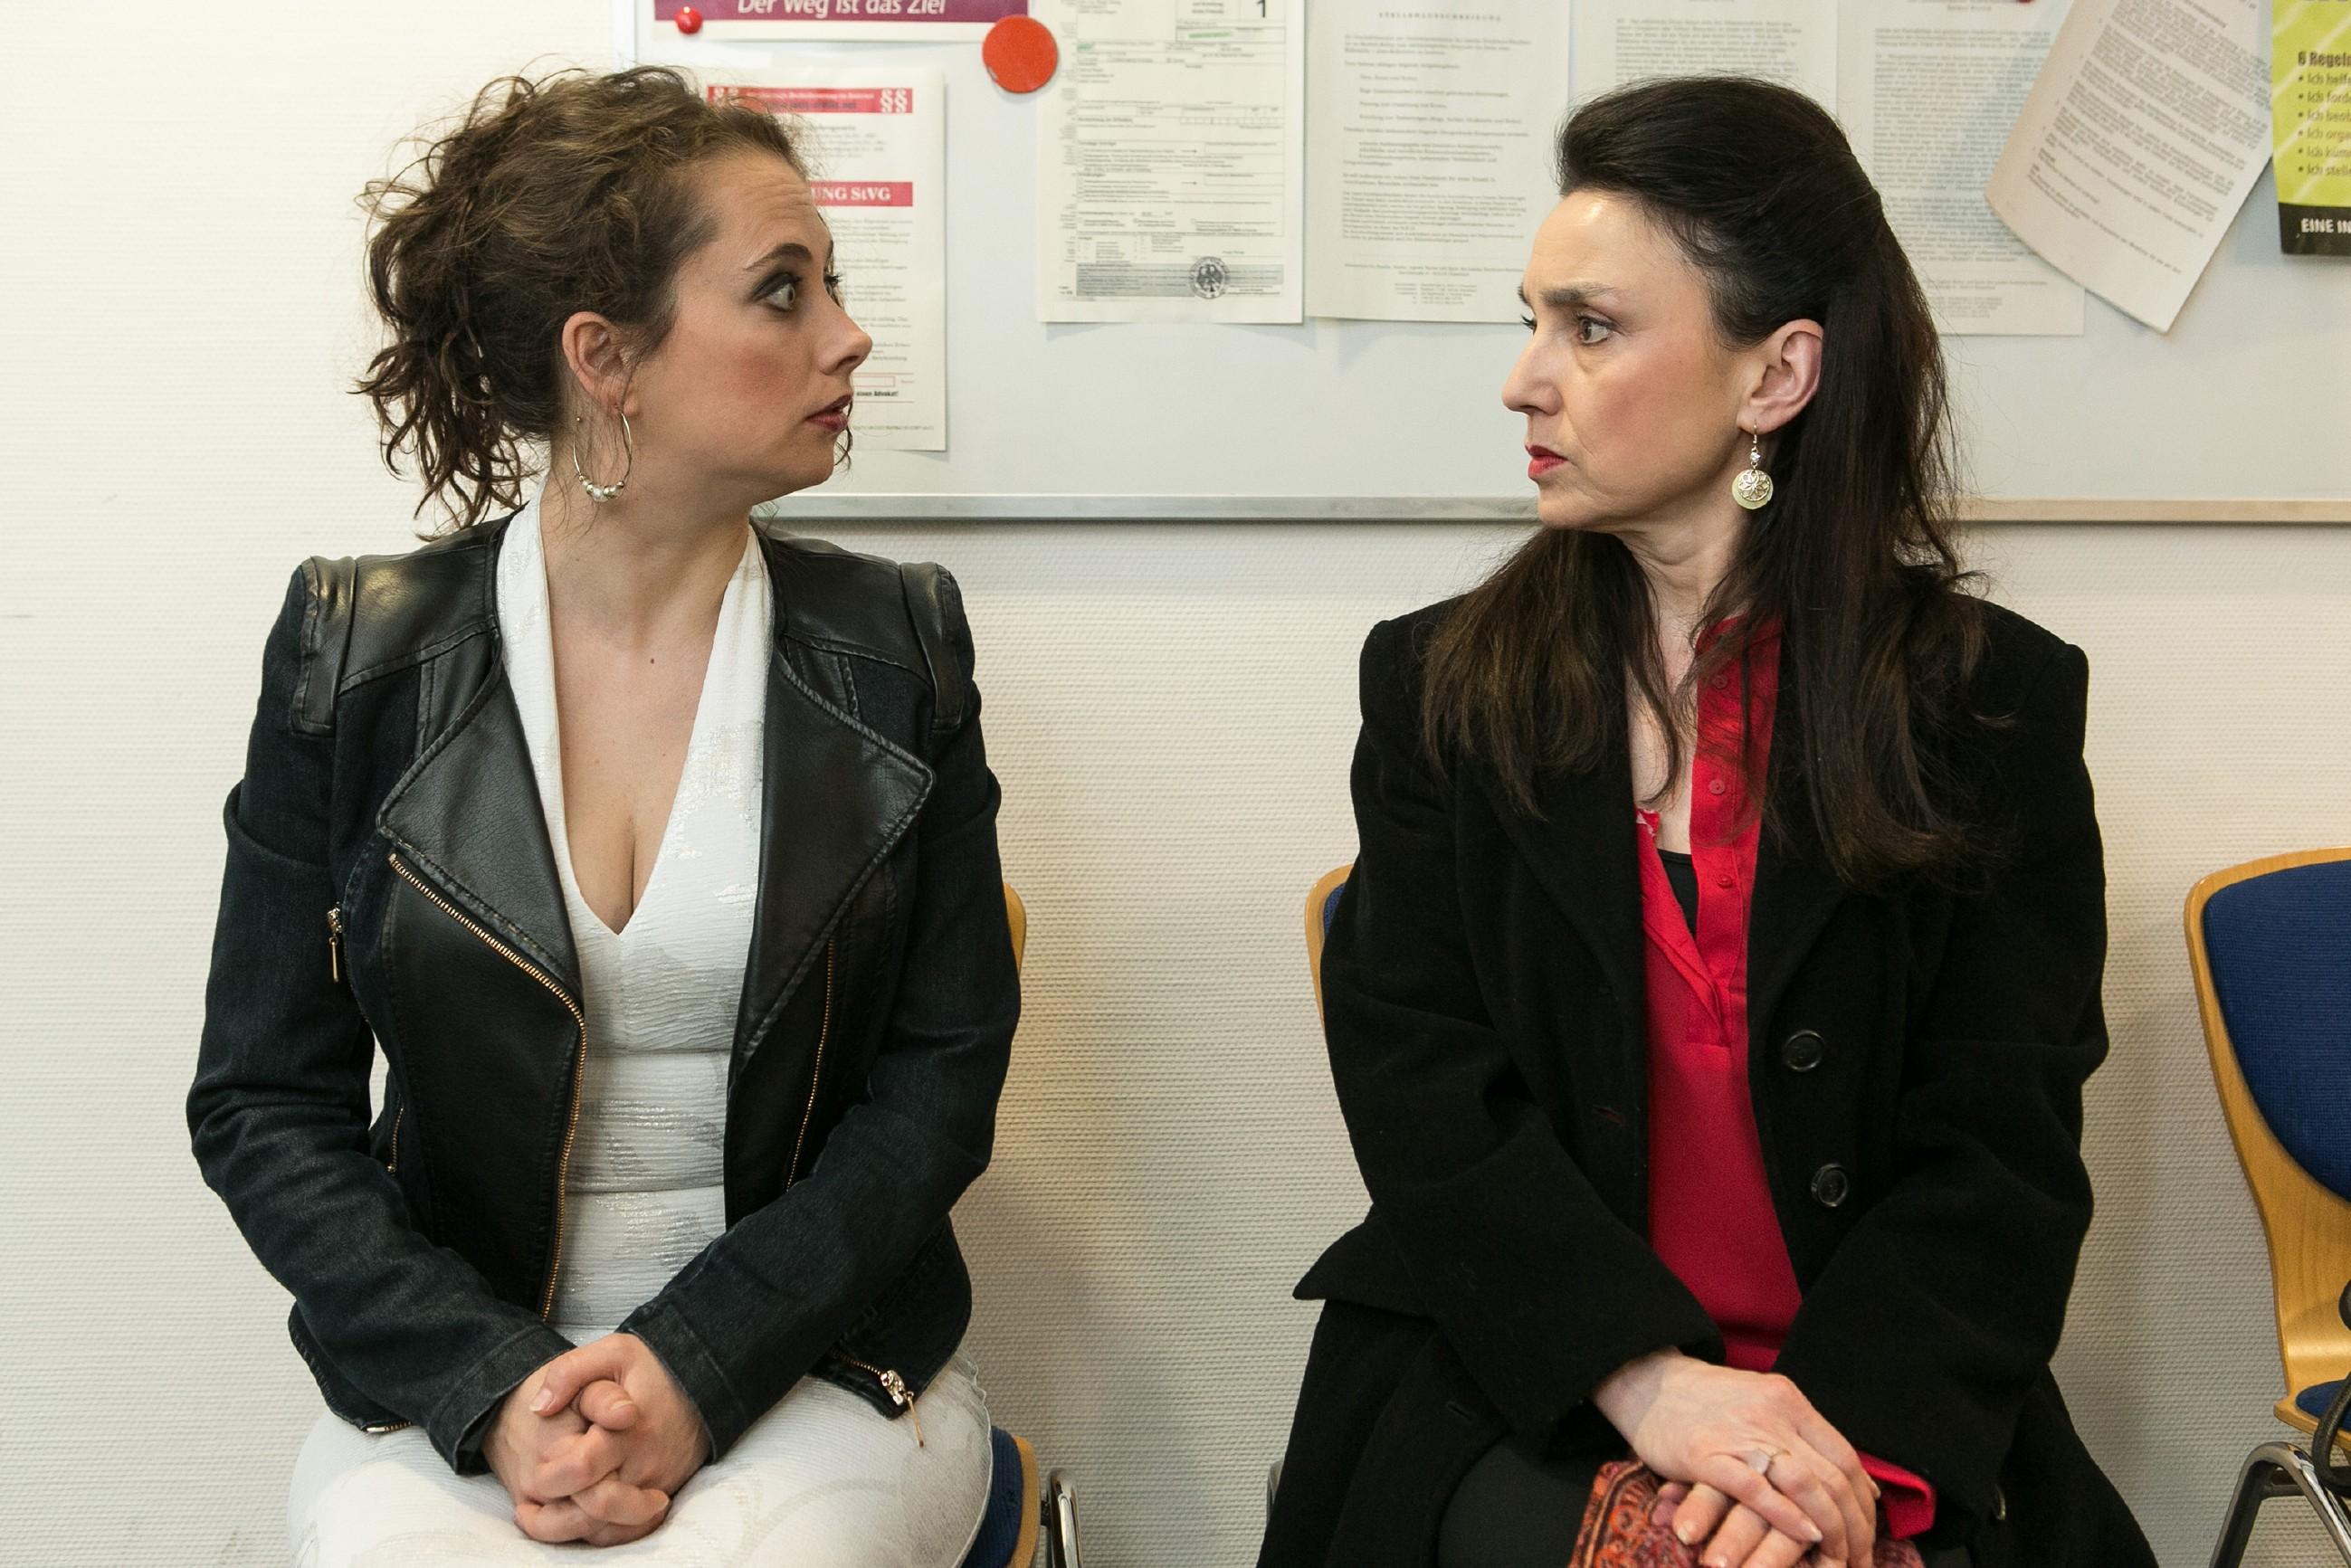 Carmen (Heike Warmuth, l.) beweist Simone (Tatjana Clasing), dass sie sich gut auf ihre Prüfung vorbereitet hat. (Quelle:RTL / Kai Schulz)